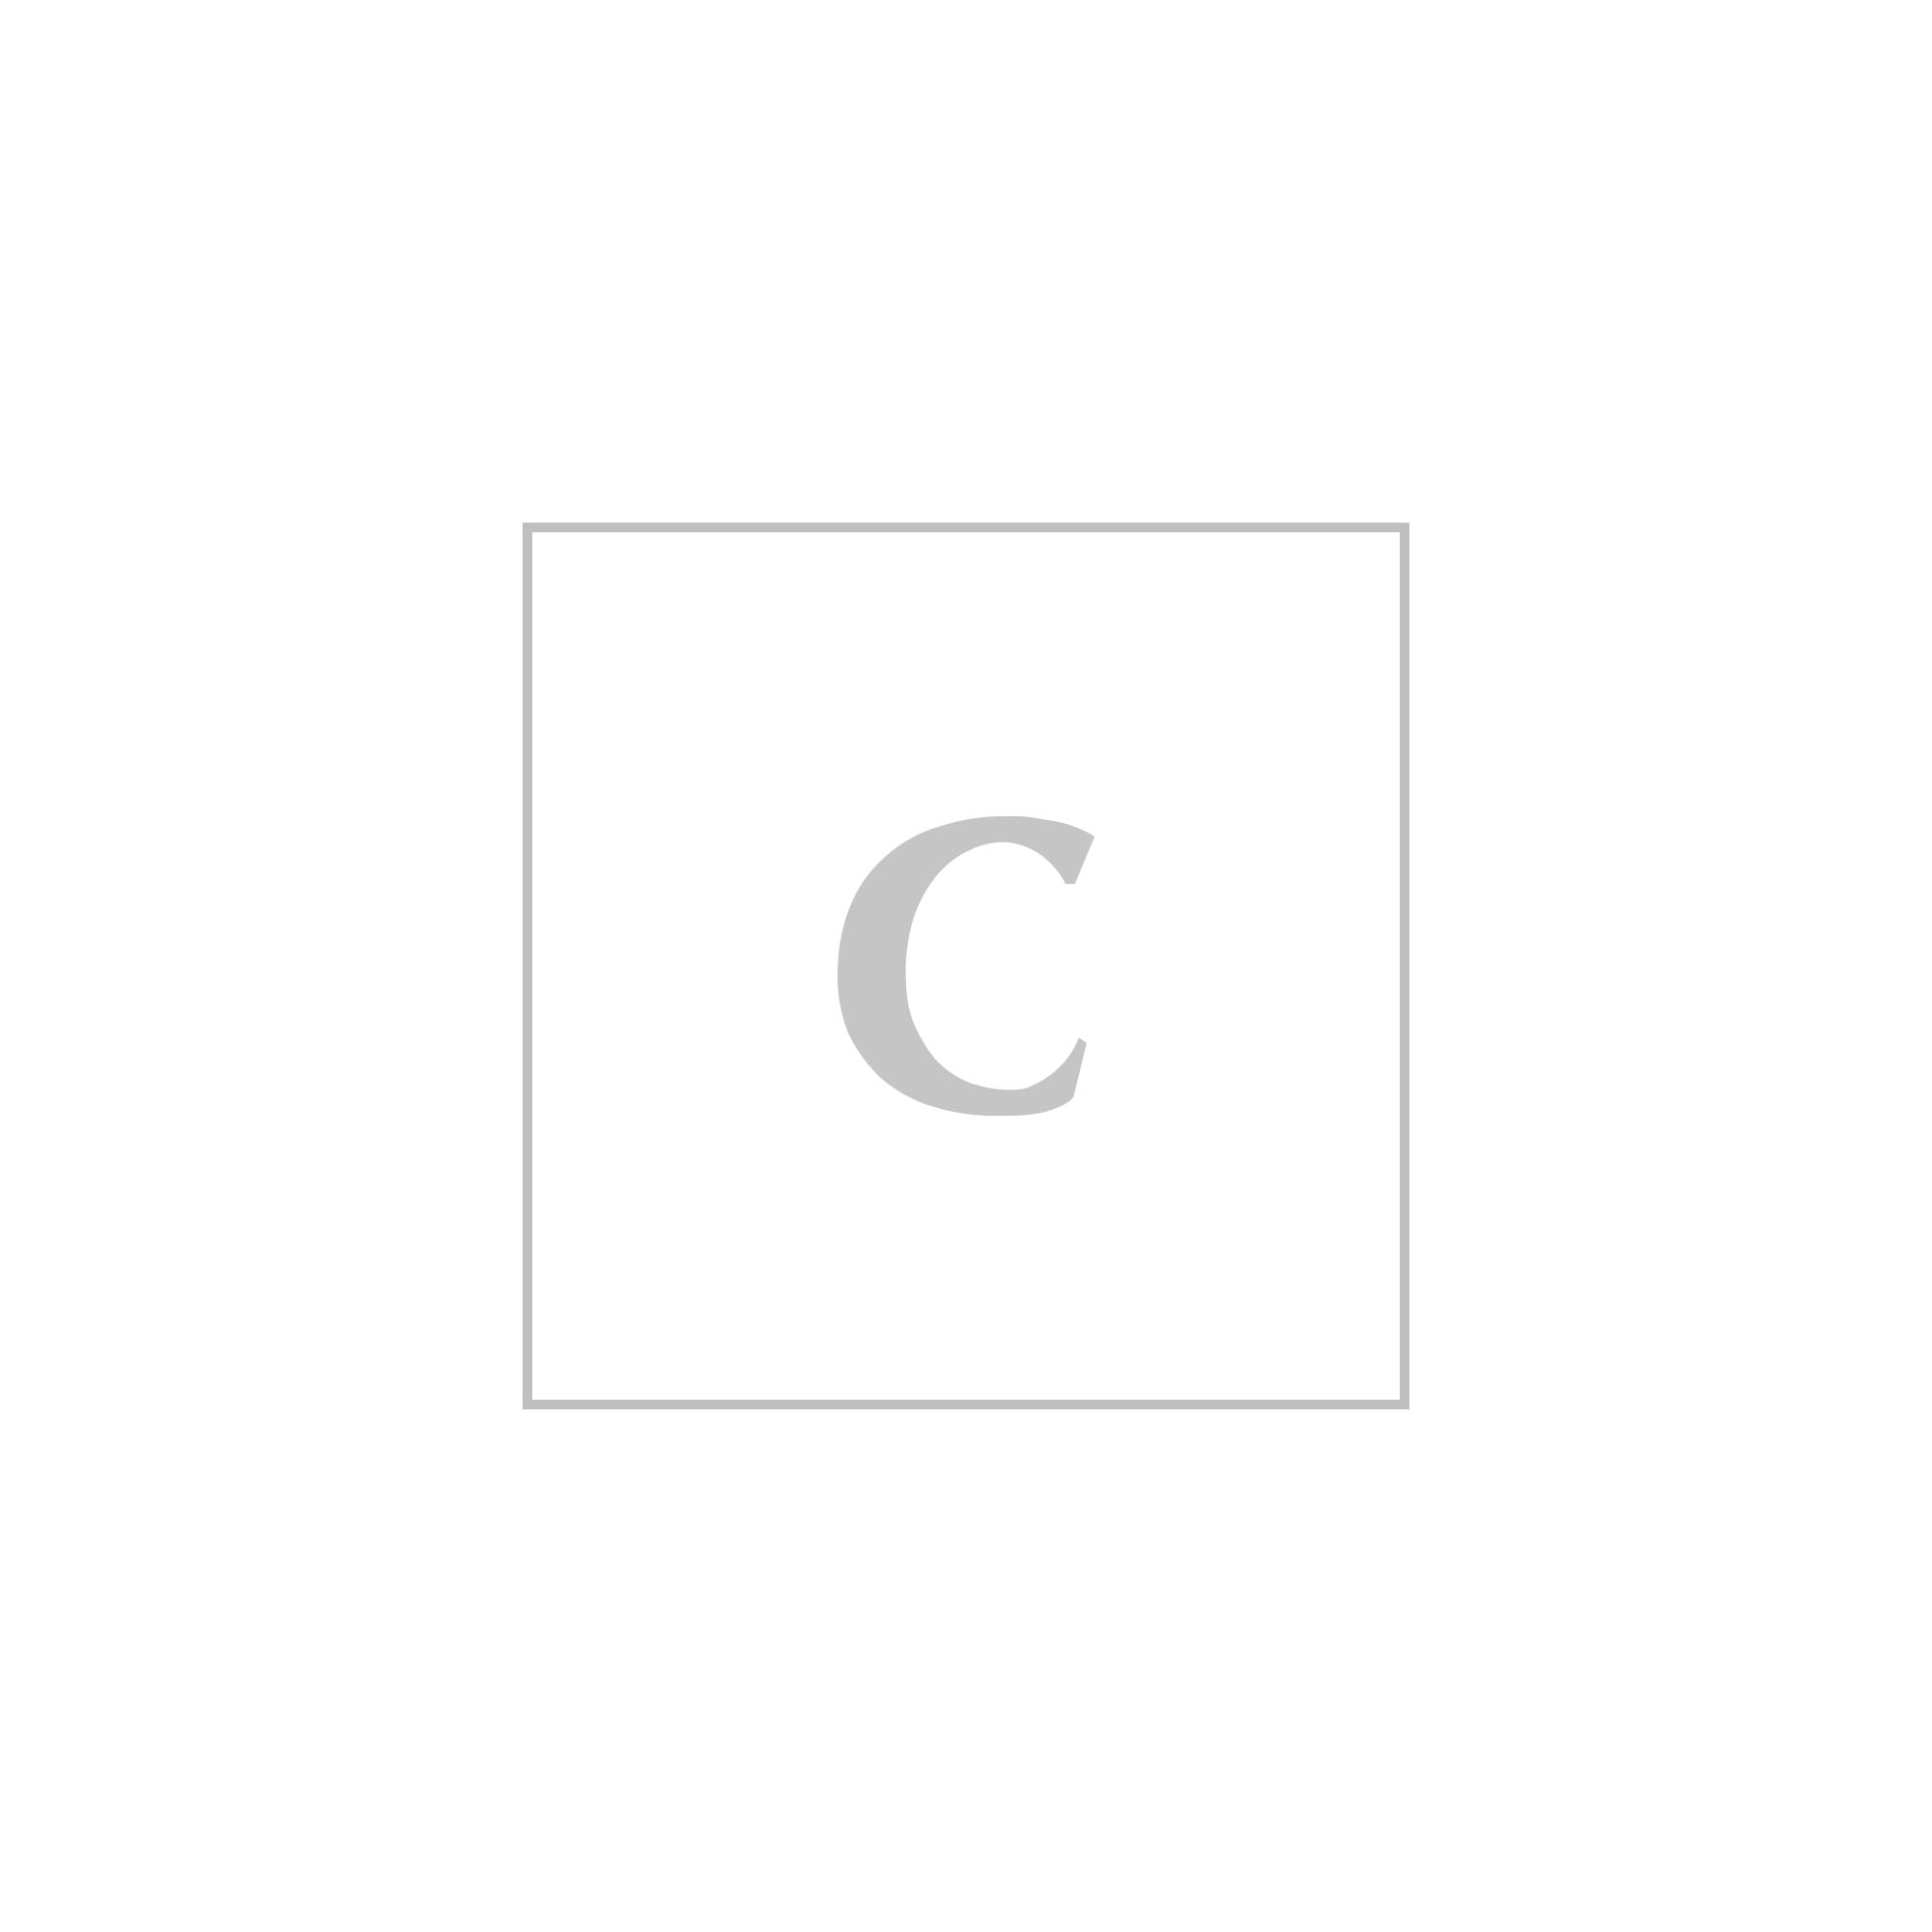 Salvatore ferragamo scarpa 3e narni 028299 019 gropp.rov castoro s